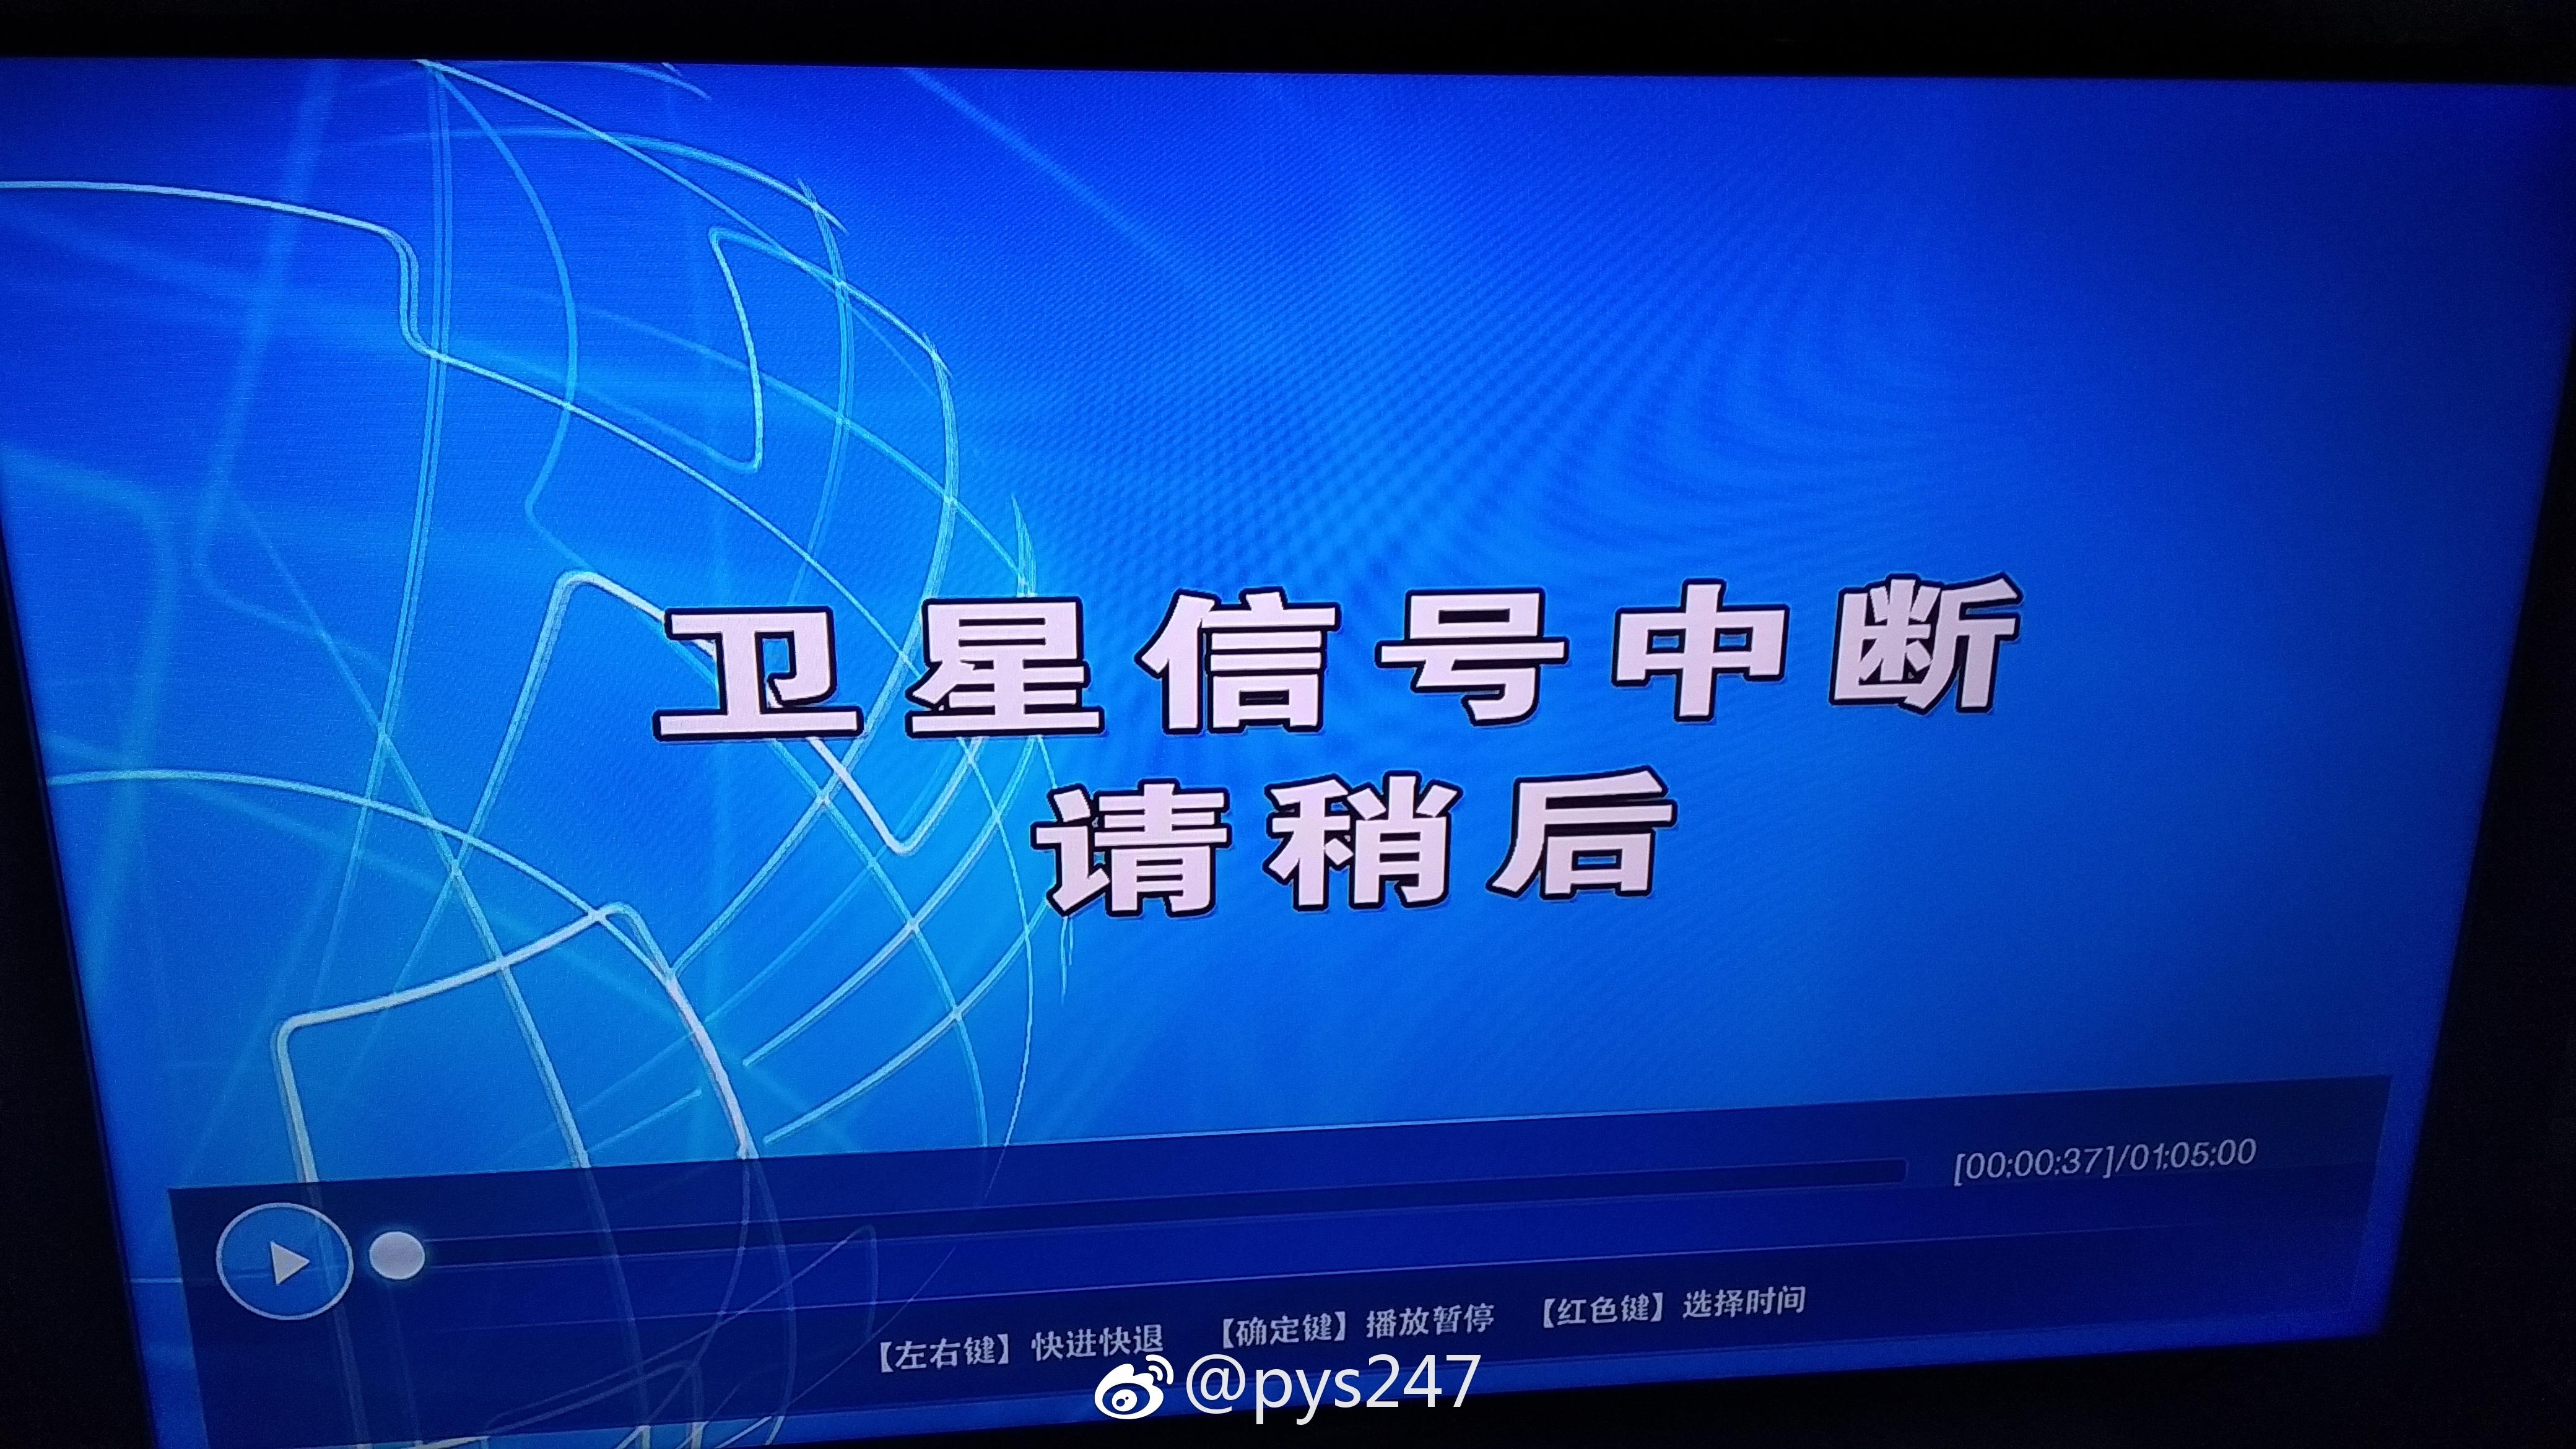 广西广电网络传输的深圳卫视高清频道提示卫星信号中断(2019年2月13日)